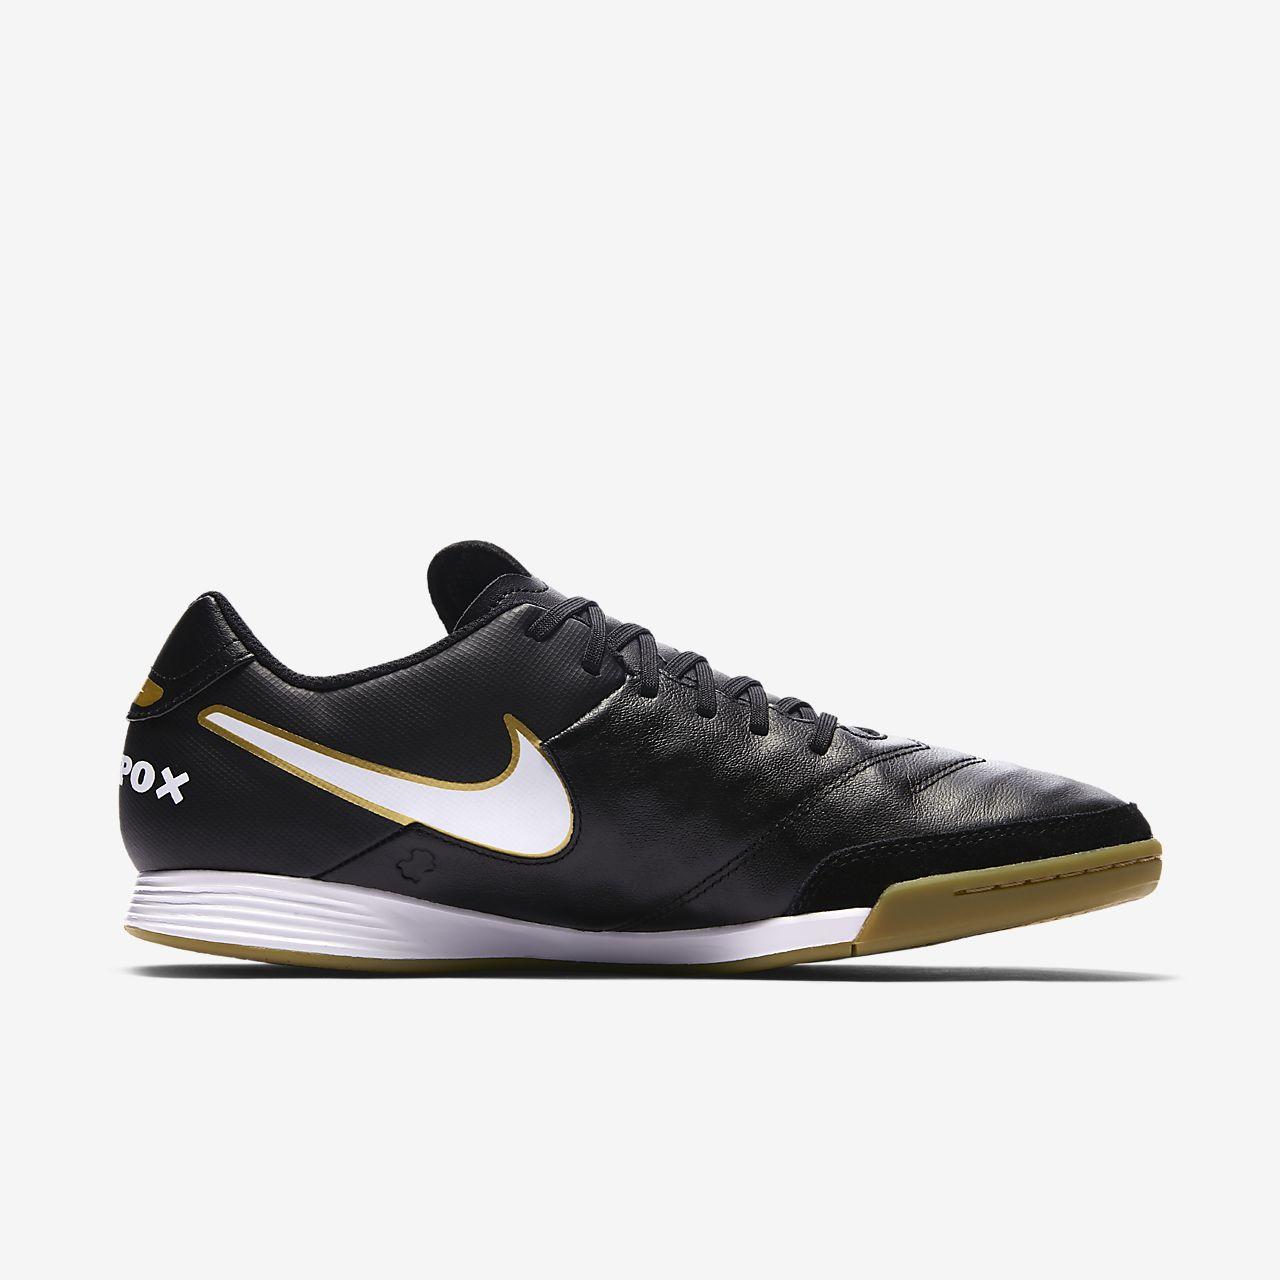 Zapatos blancos Nike Tiempo Genio para hombre Btlu5sW